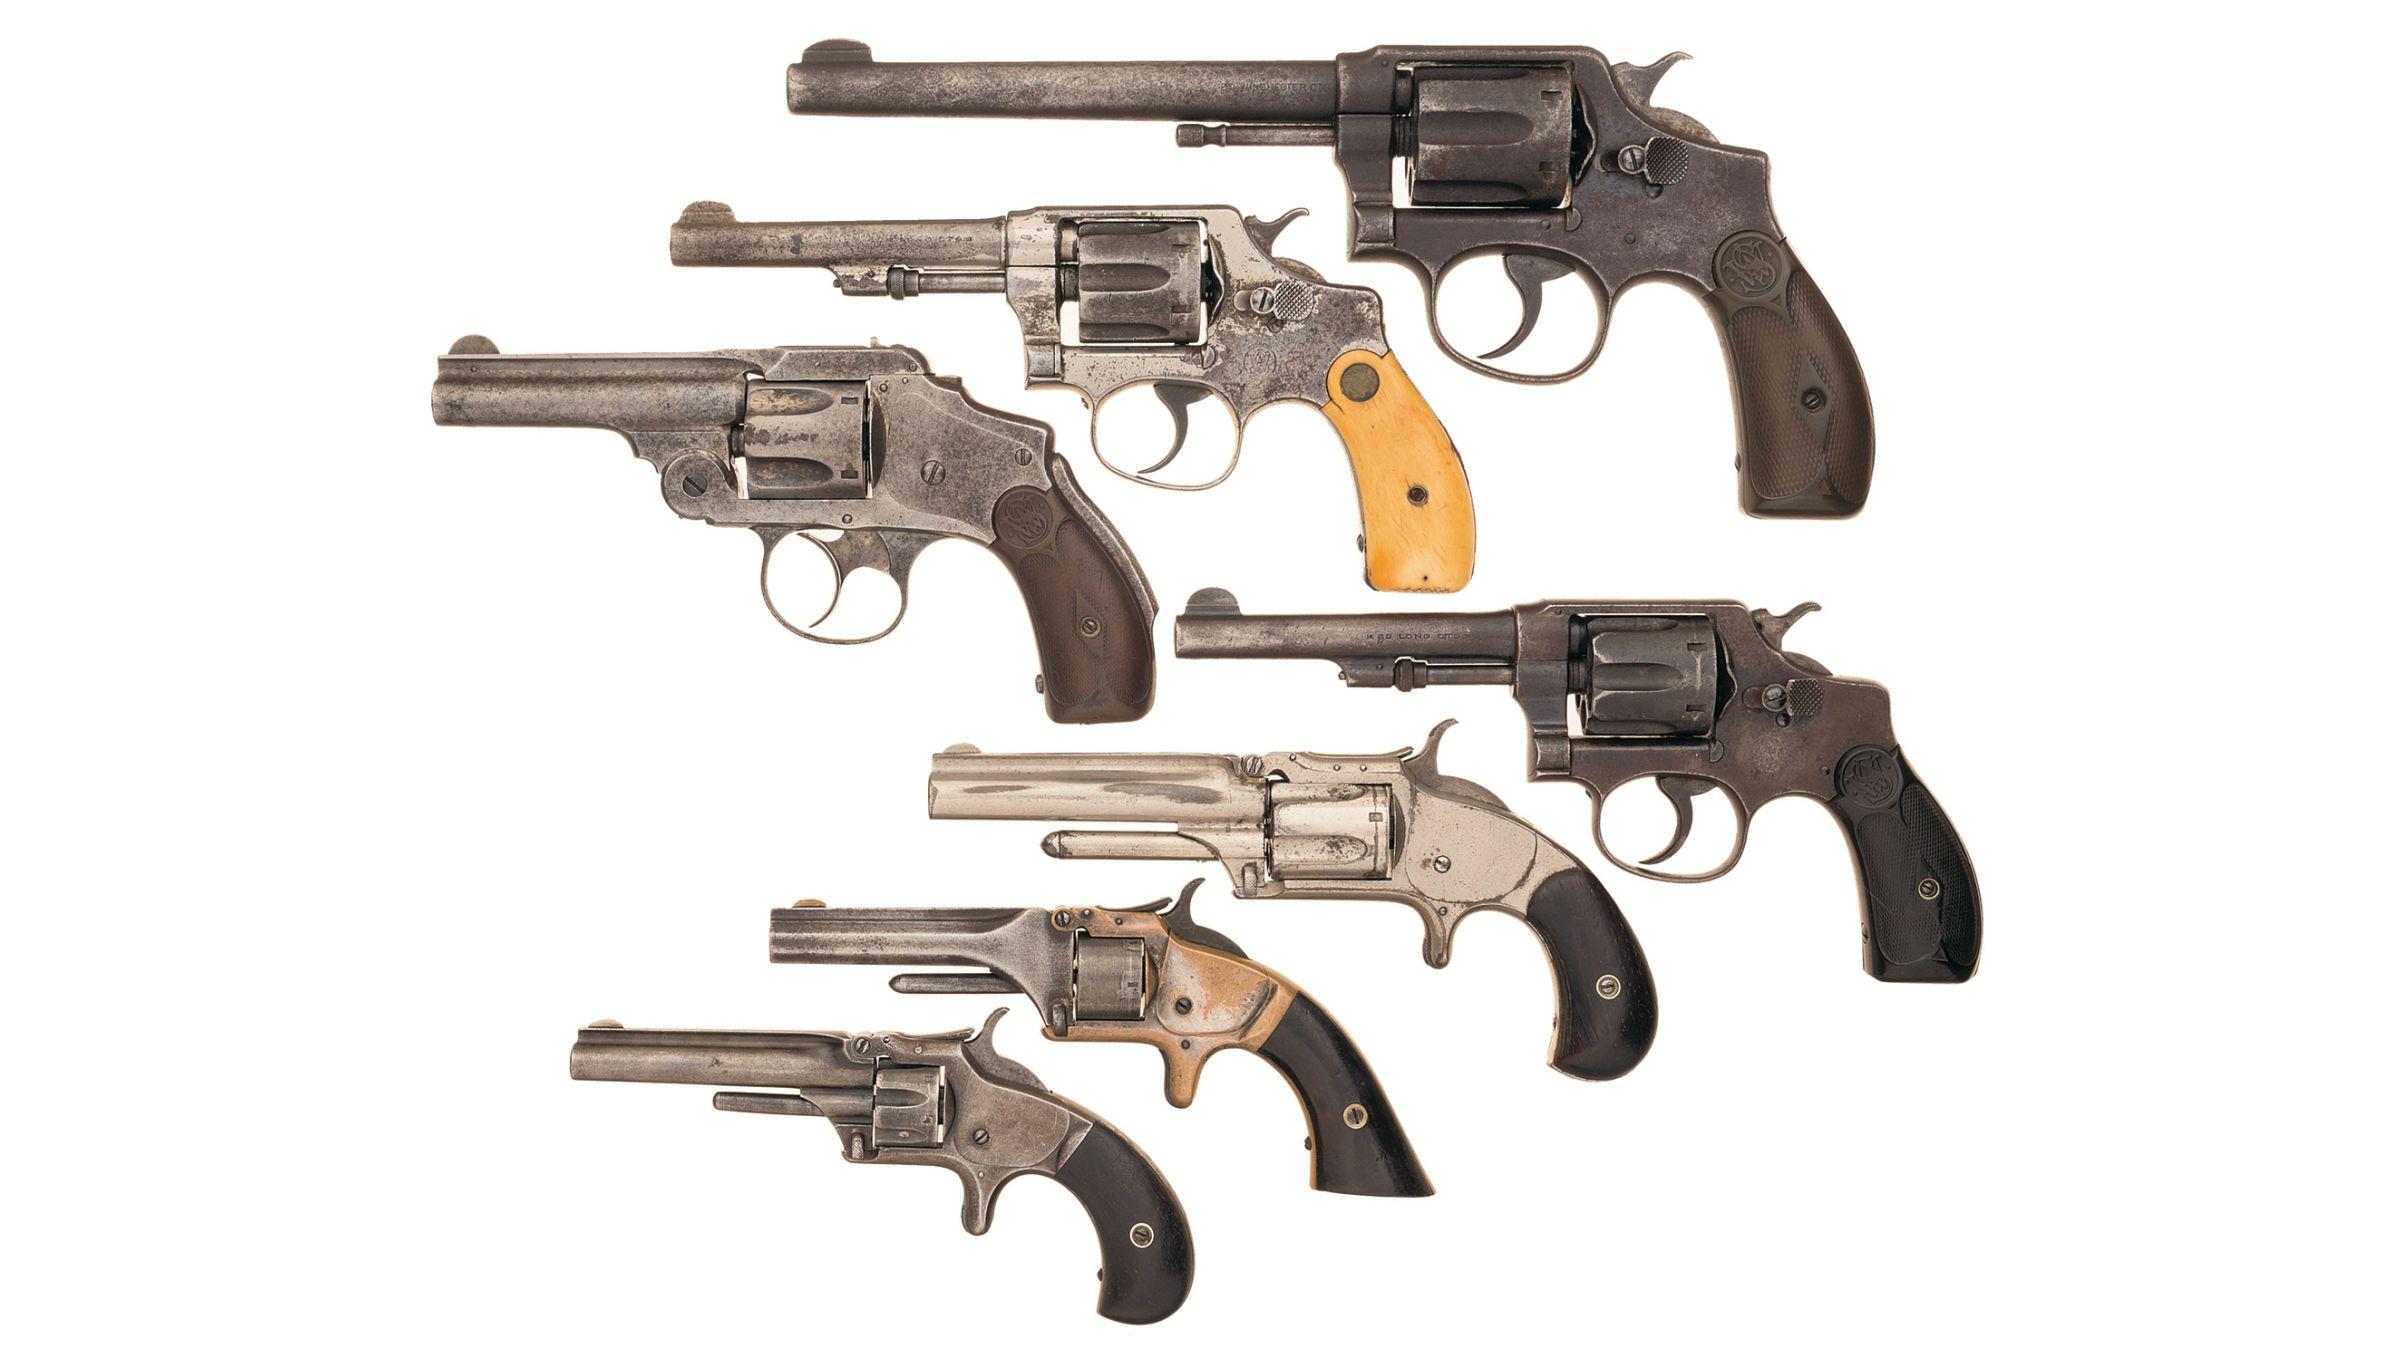 Seven Smith & Wesson Revolvers